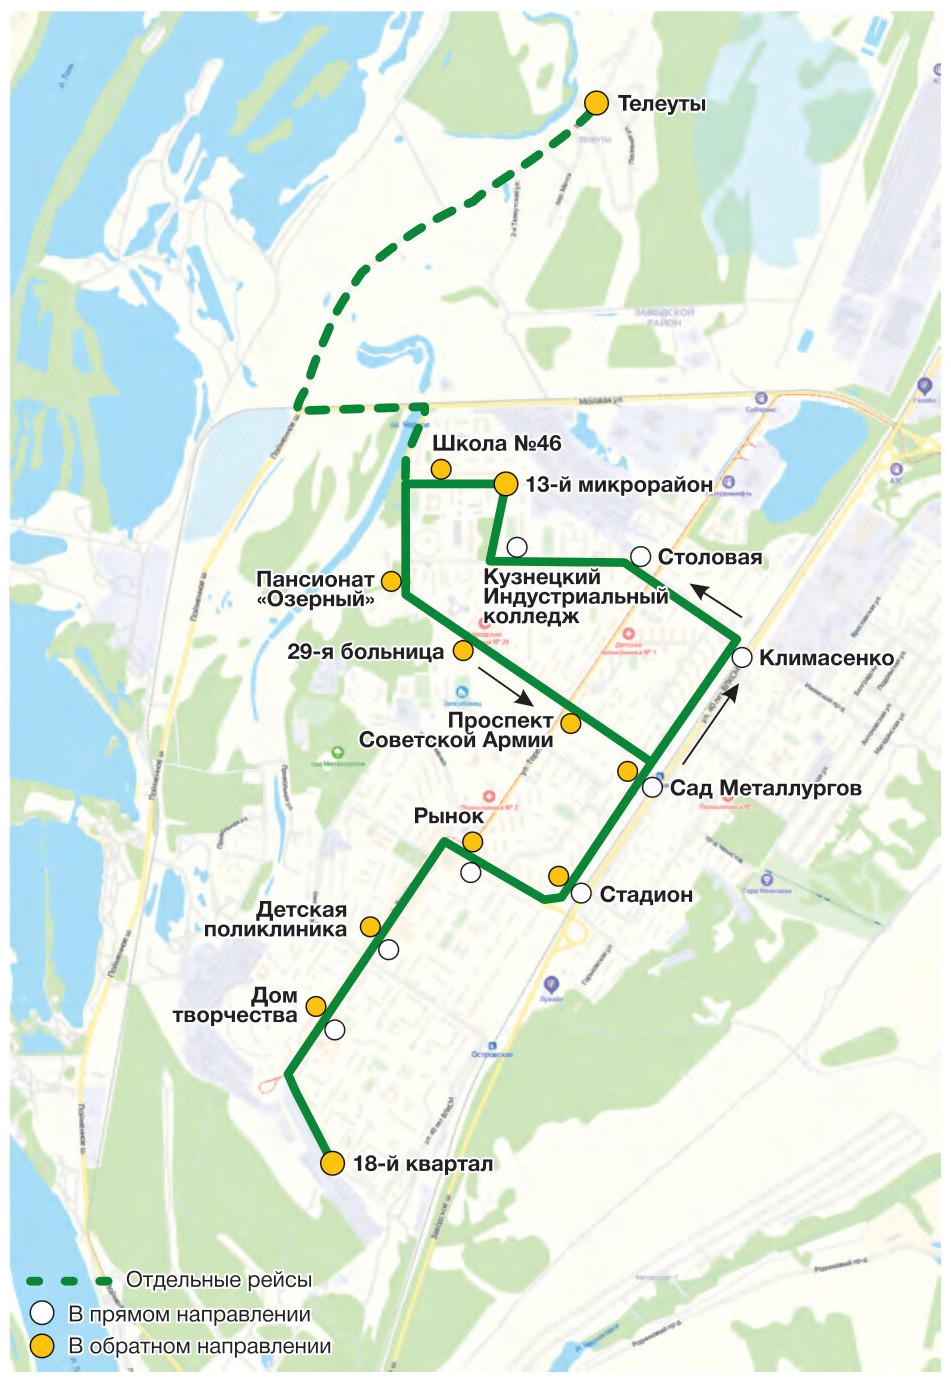 Автобус №11 18 КВАРТАЛ - 18 КВАРТАЛ / ТЕЛЕУТЫ | Расписание и маршрут движения